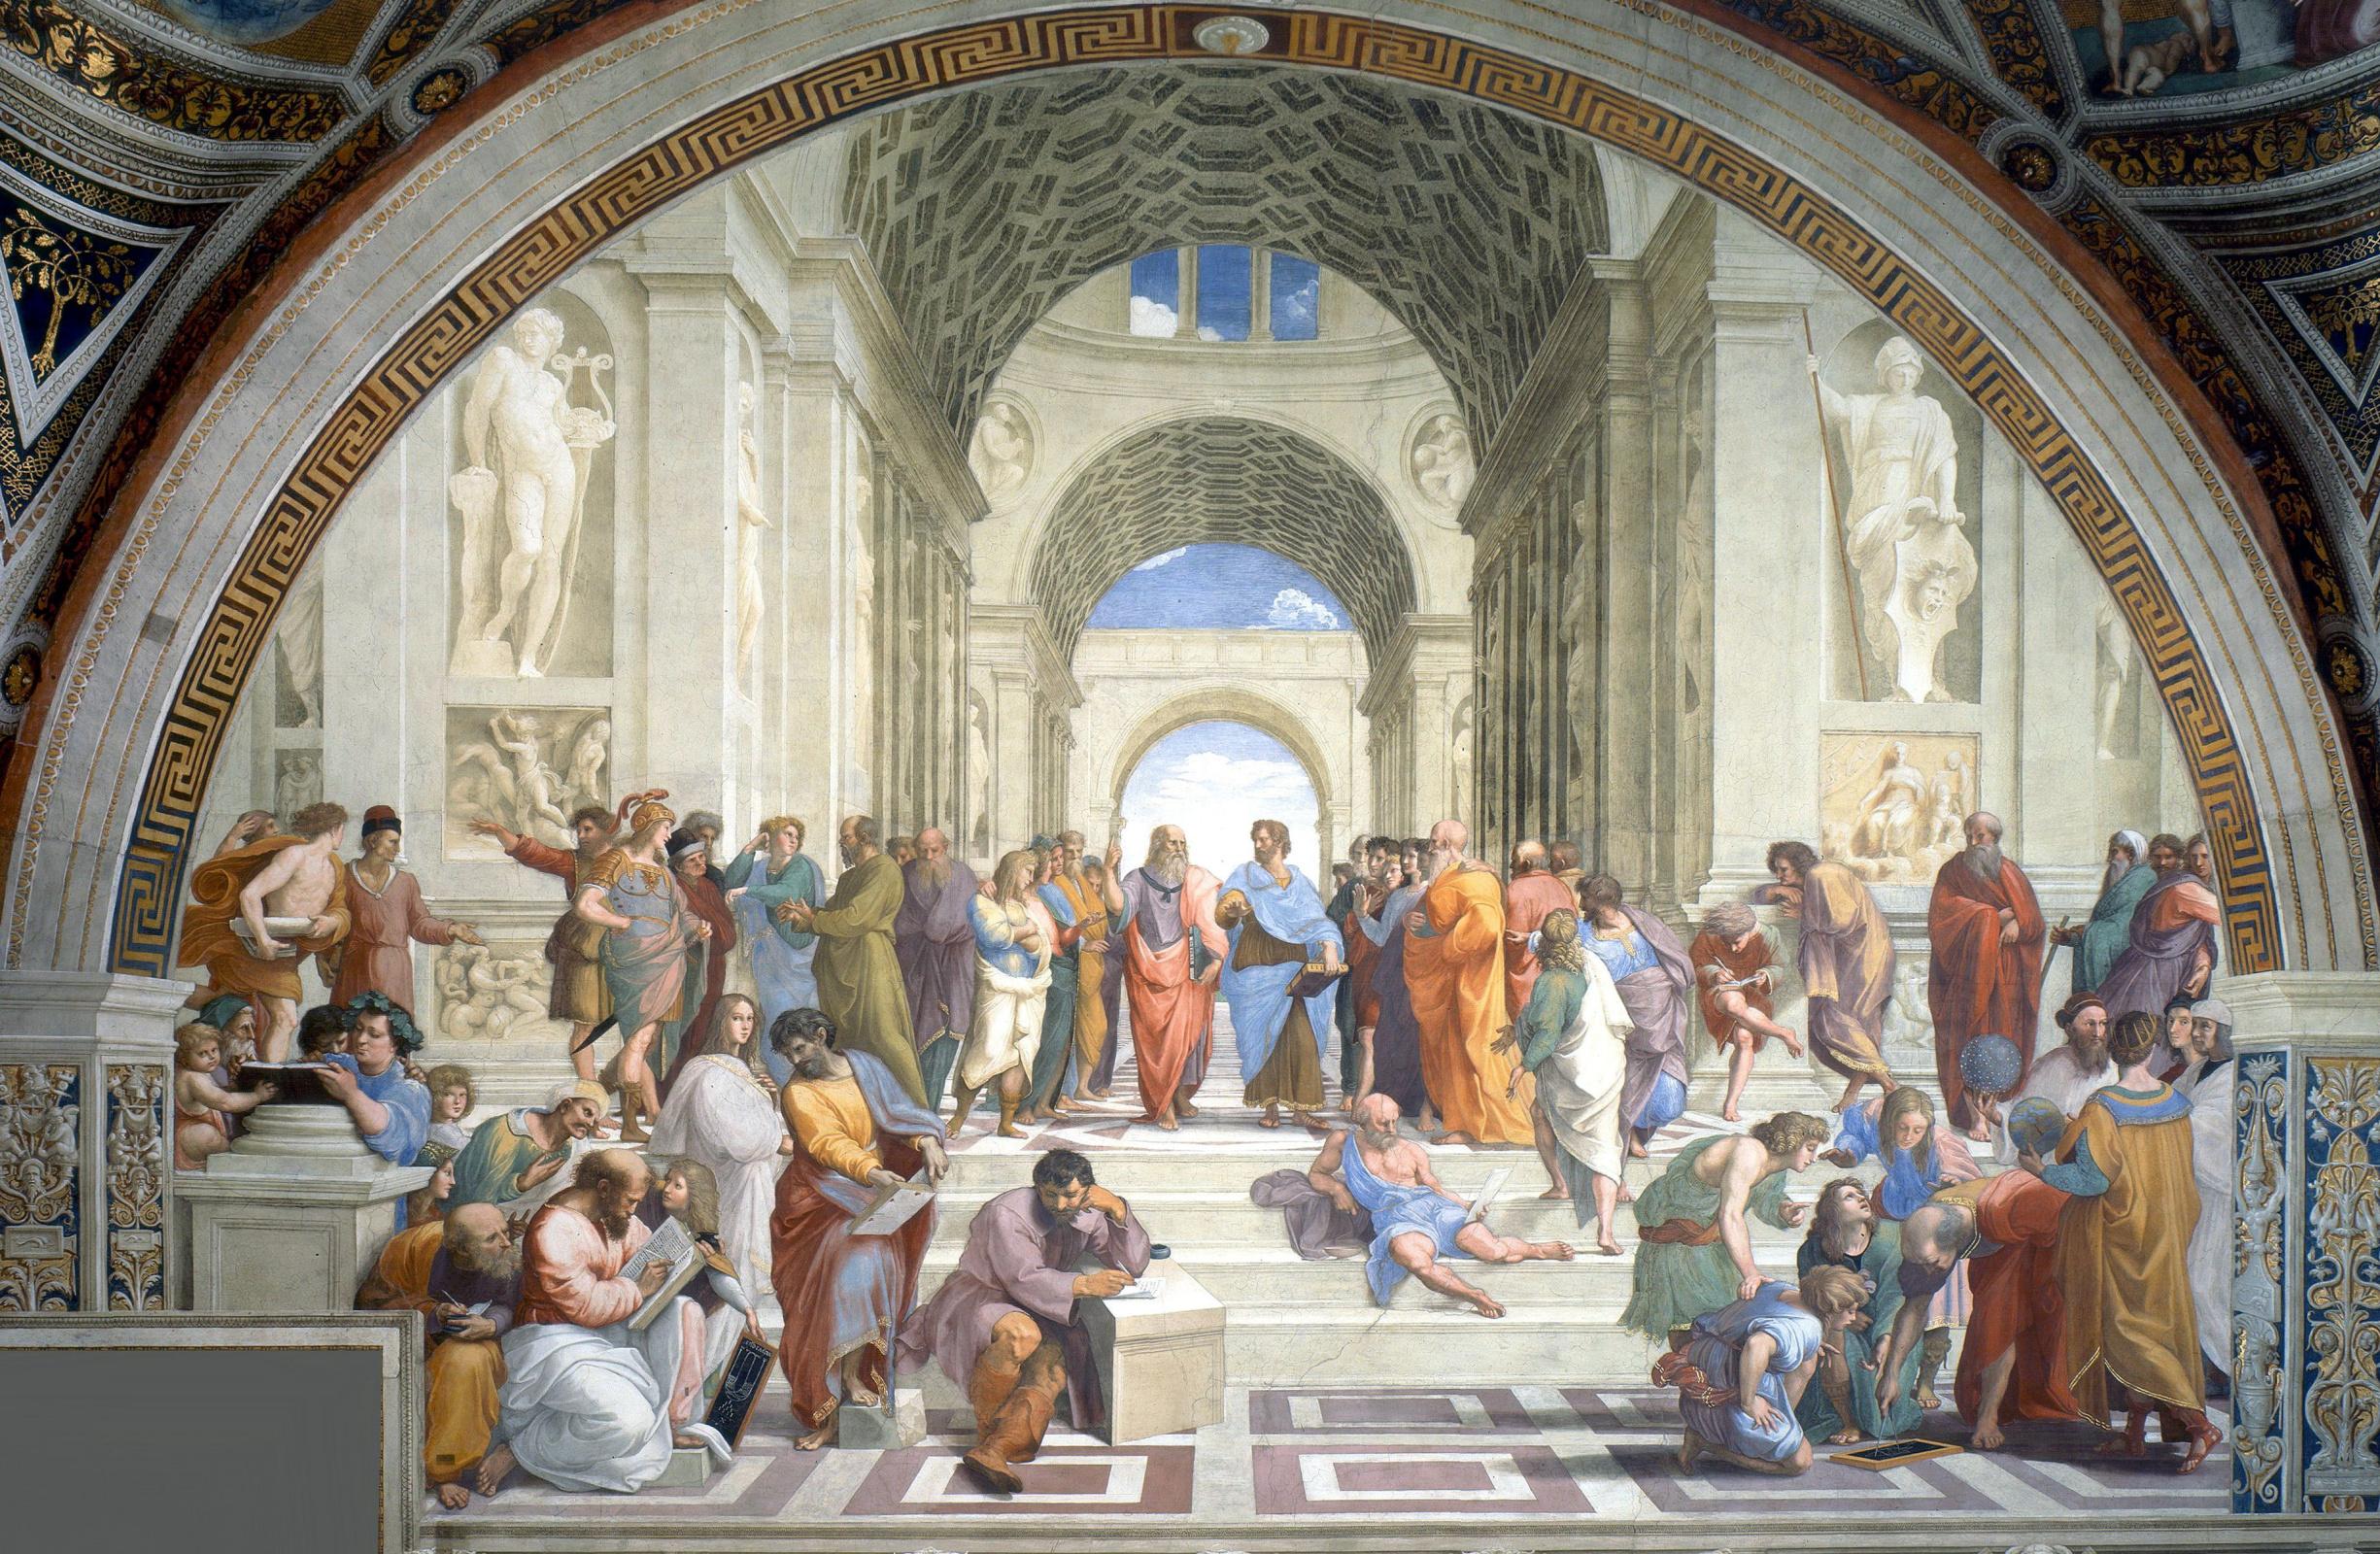 Raphael Santi. The school of Athens. The Stanza della Segnatura in the Vatican Museum